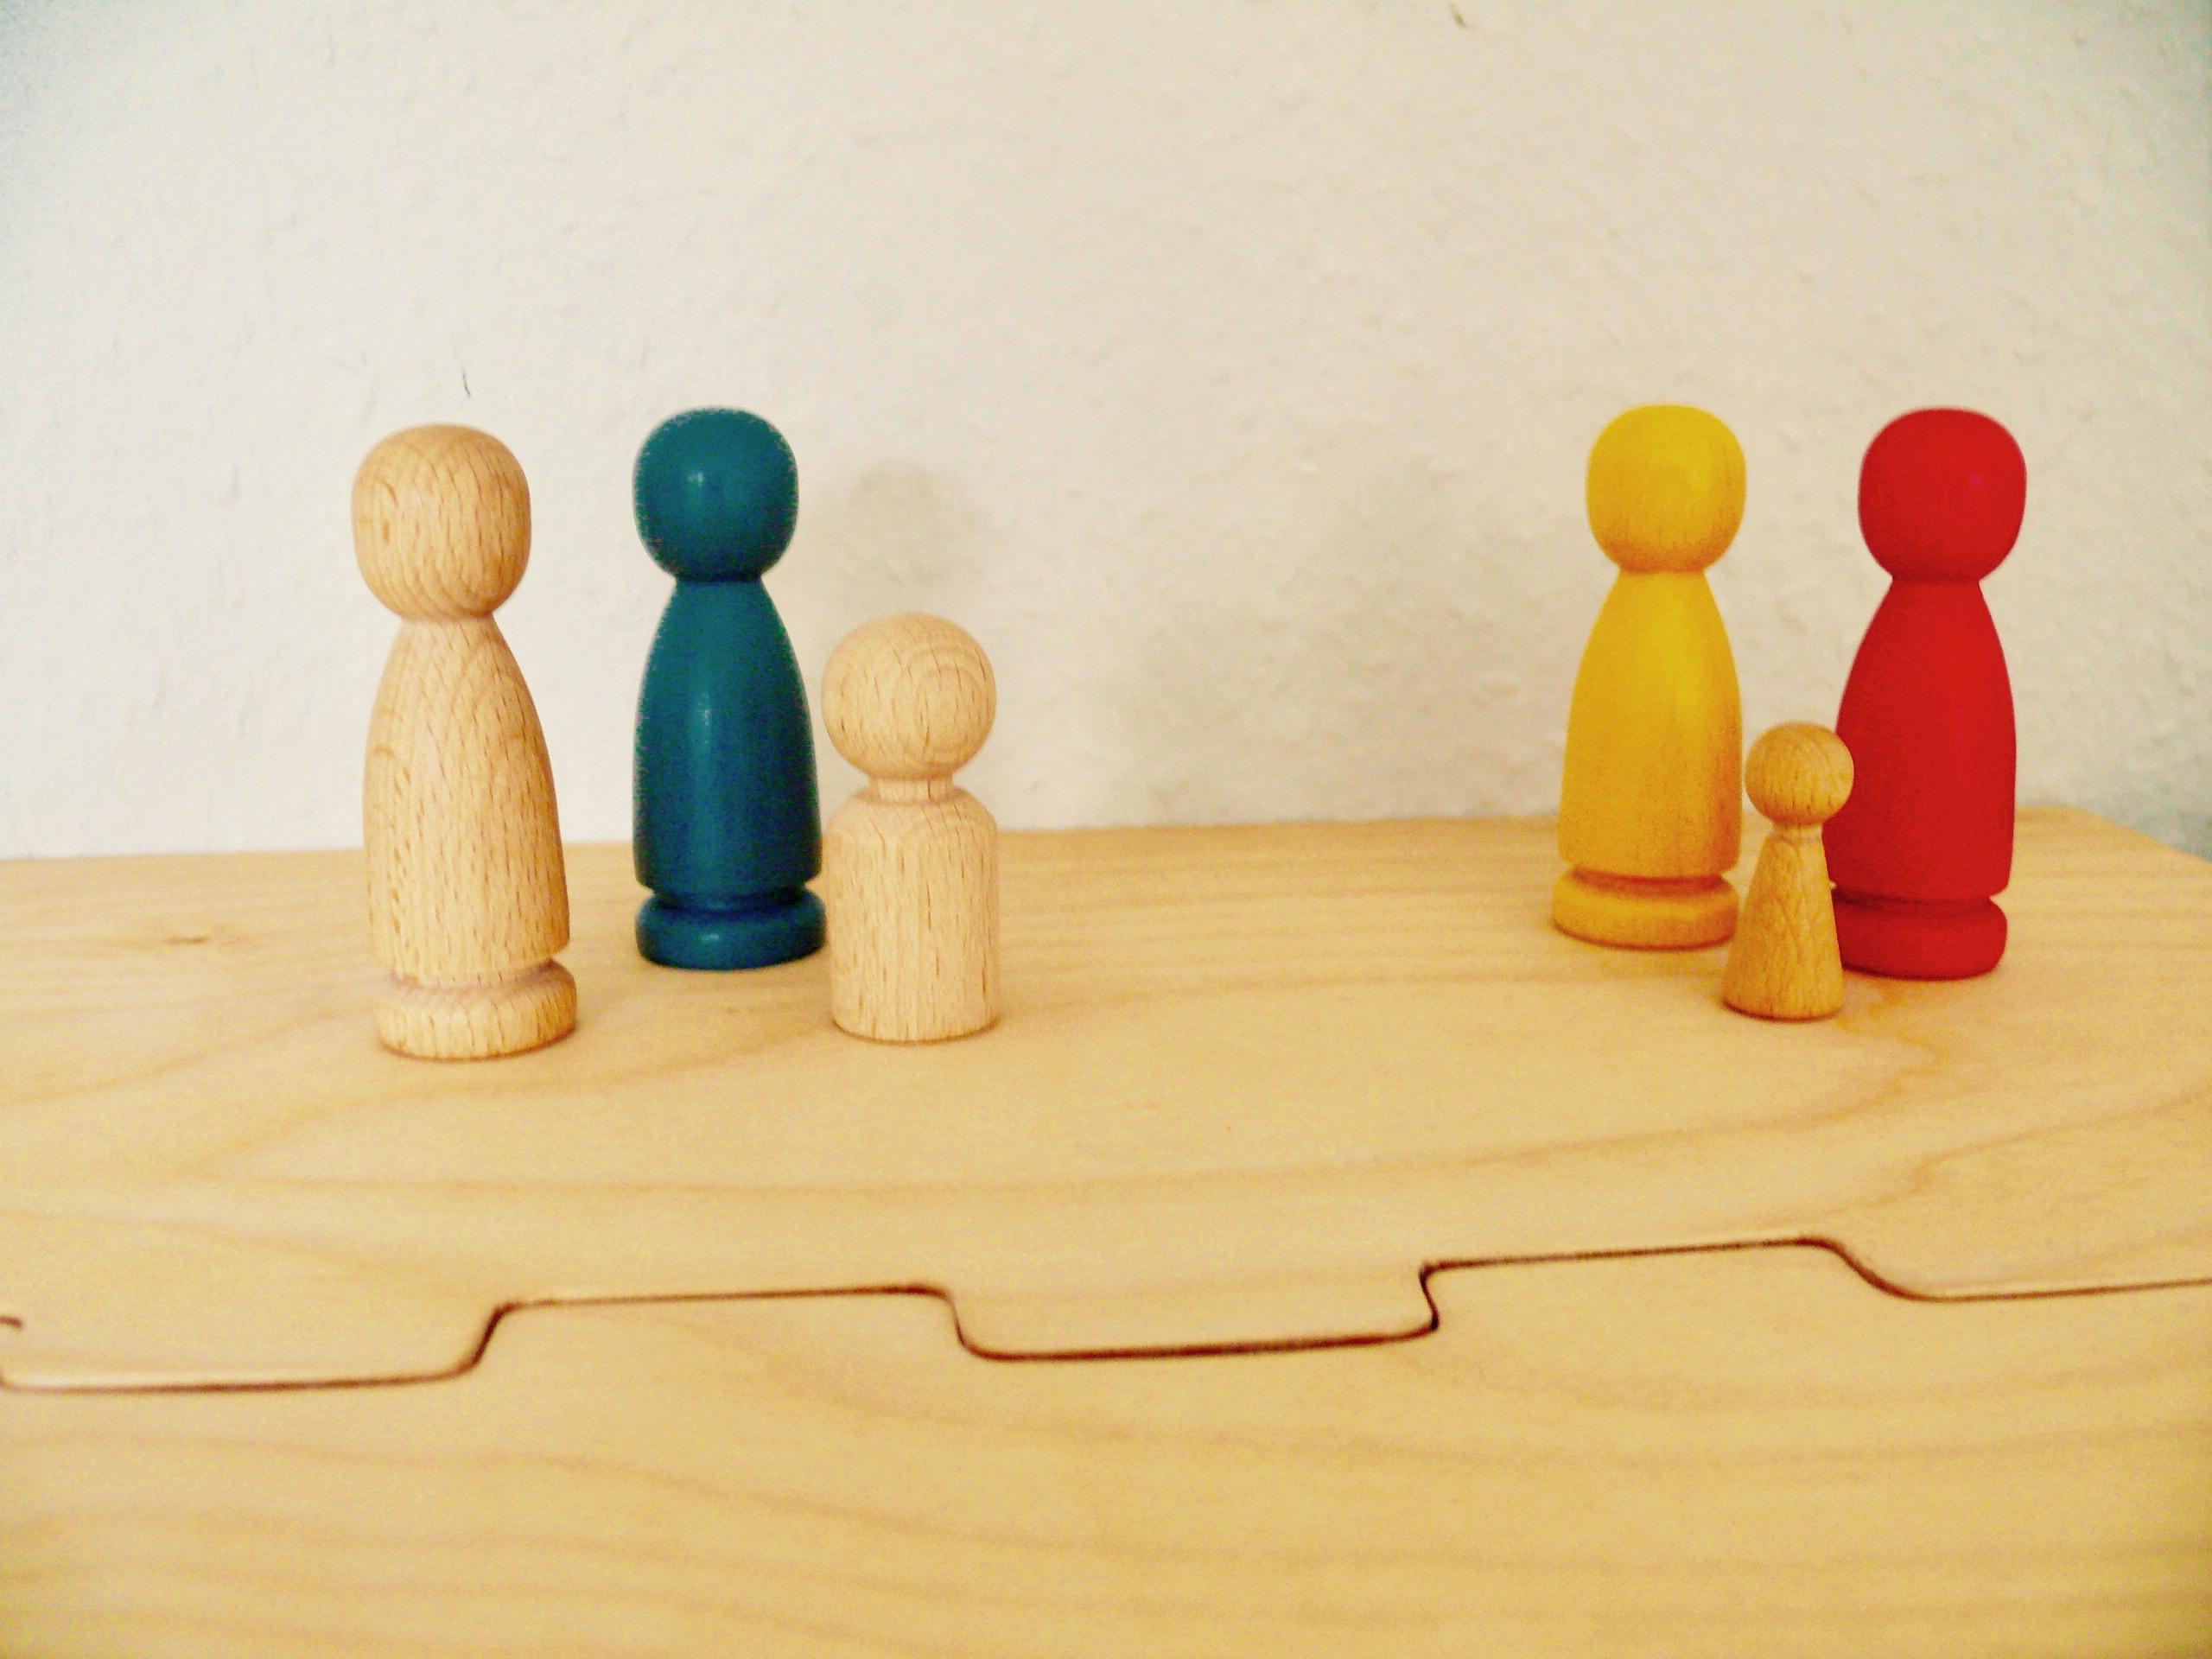 Aufstellung von Holzfiguren auf Systembrett